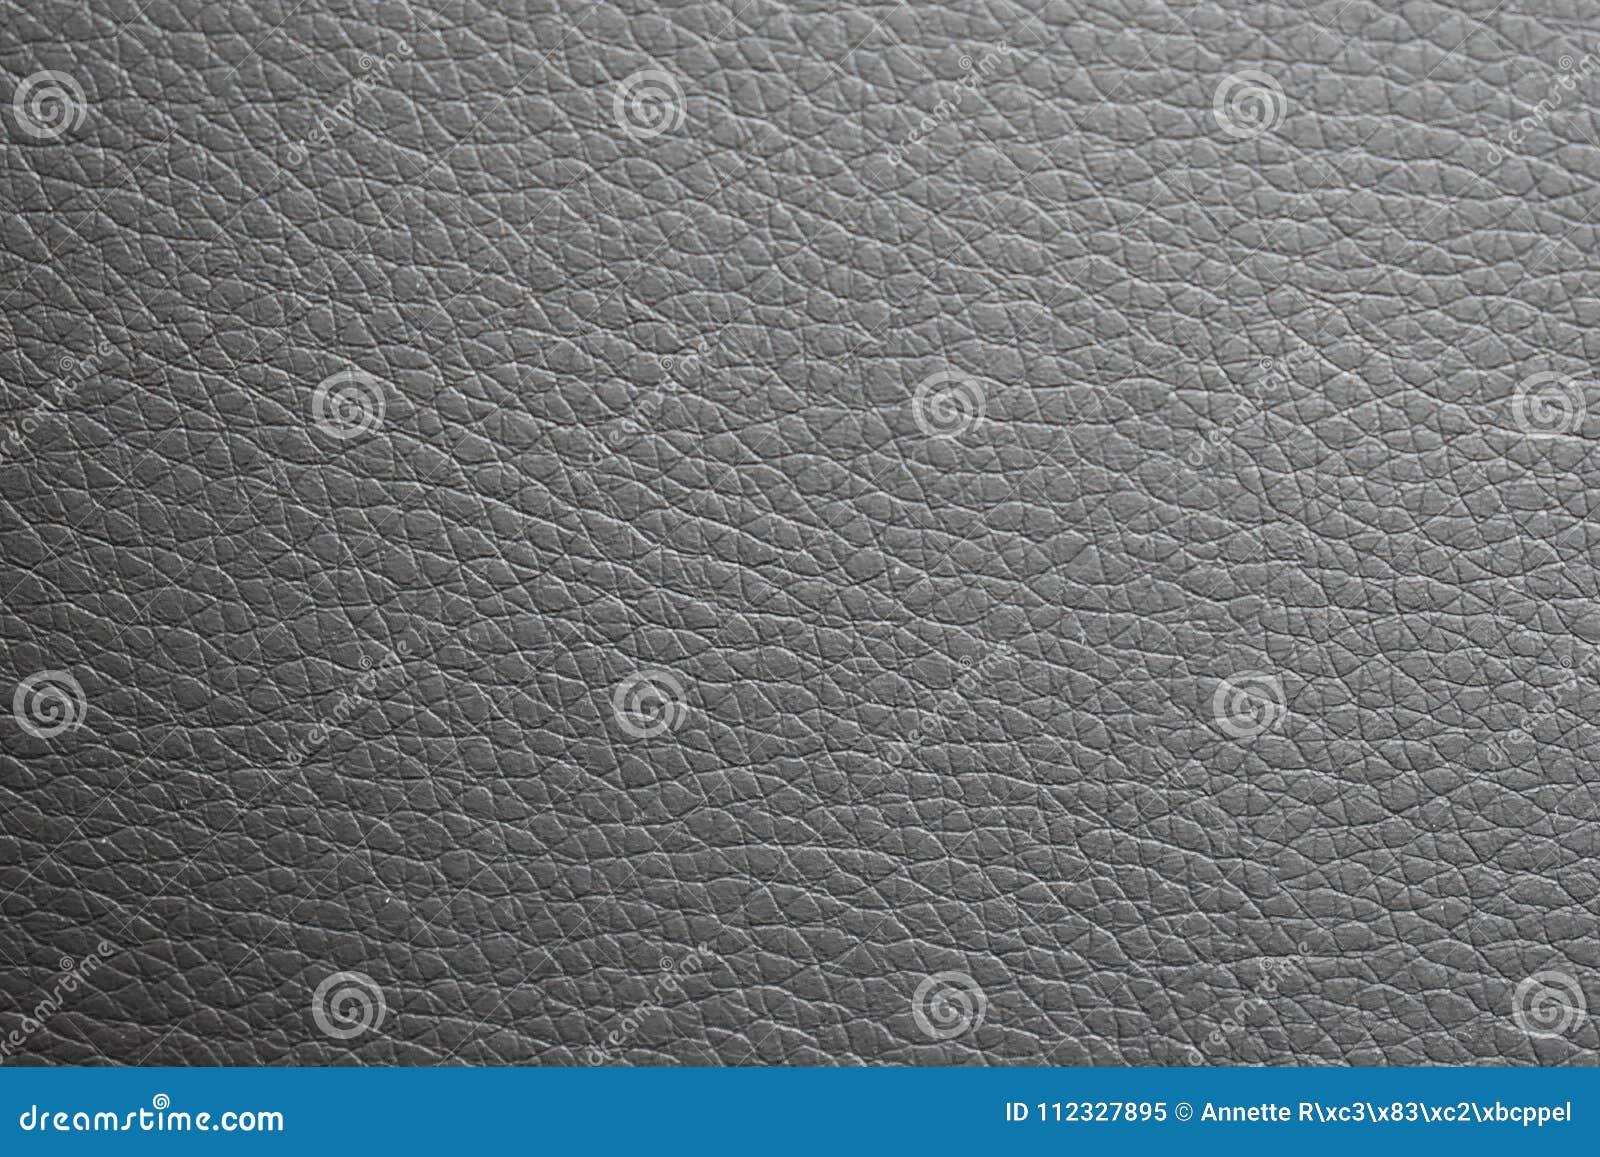 De zwarte textuur van leer, kan als achtergrond worden gebruikt